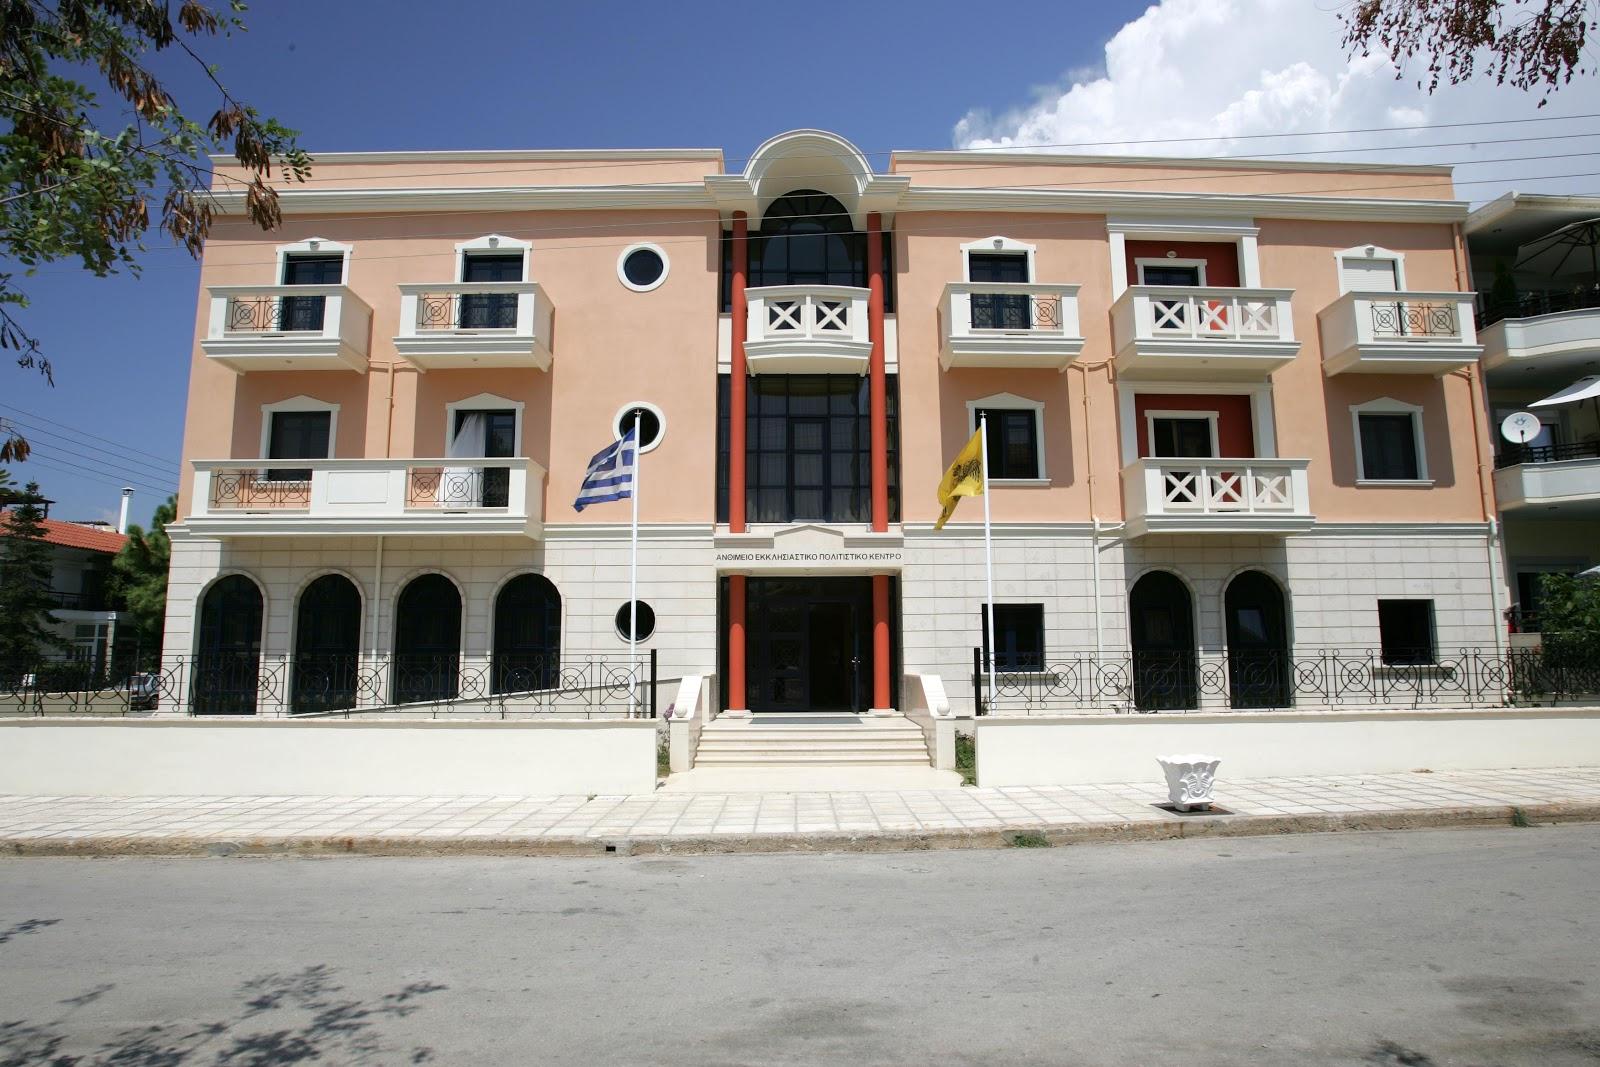 Συγκέντρωση φαρμάκων για τους σεισμοπλήκτους της Αλβανίας από τη Μητρόπολη Αλεξανδρουπολης